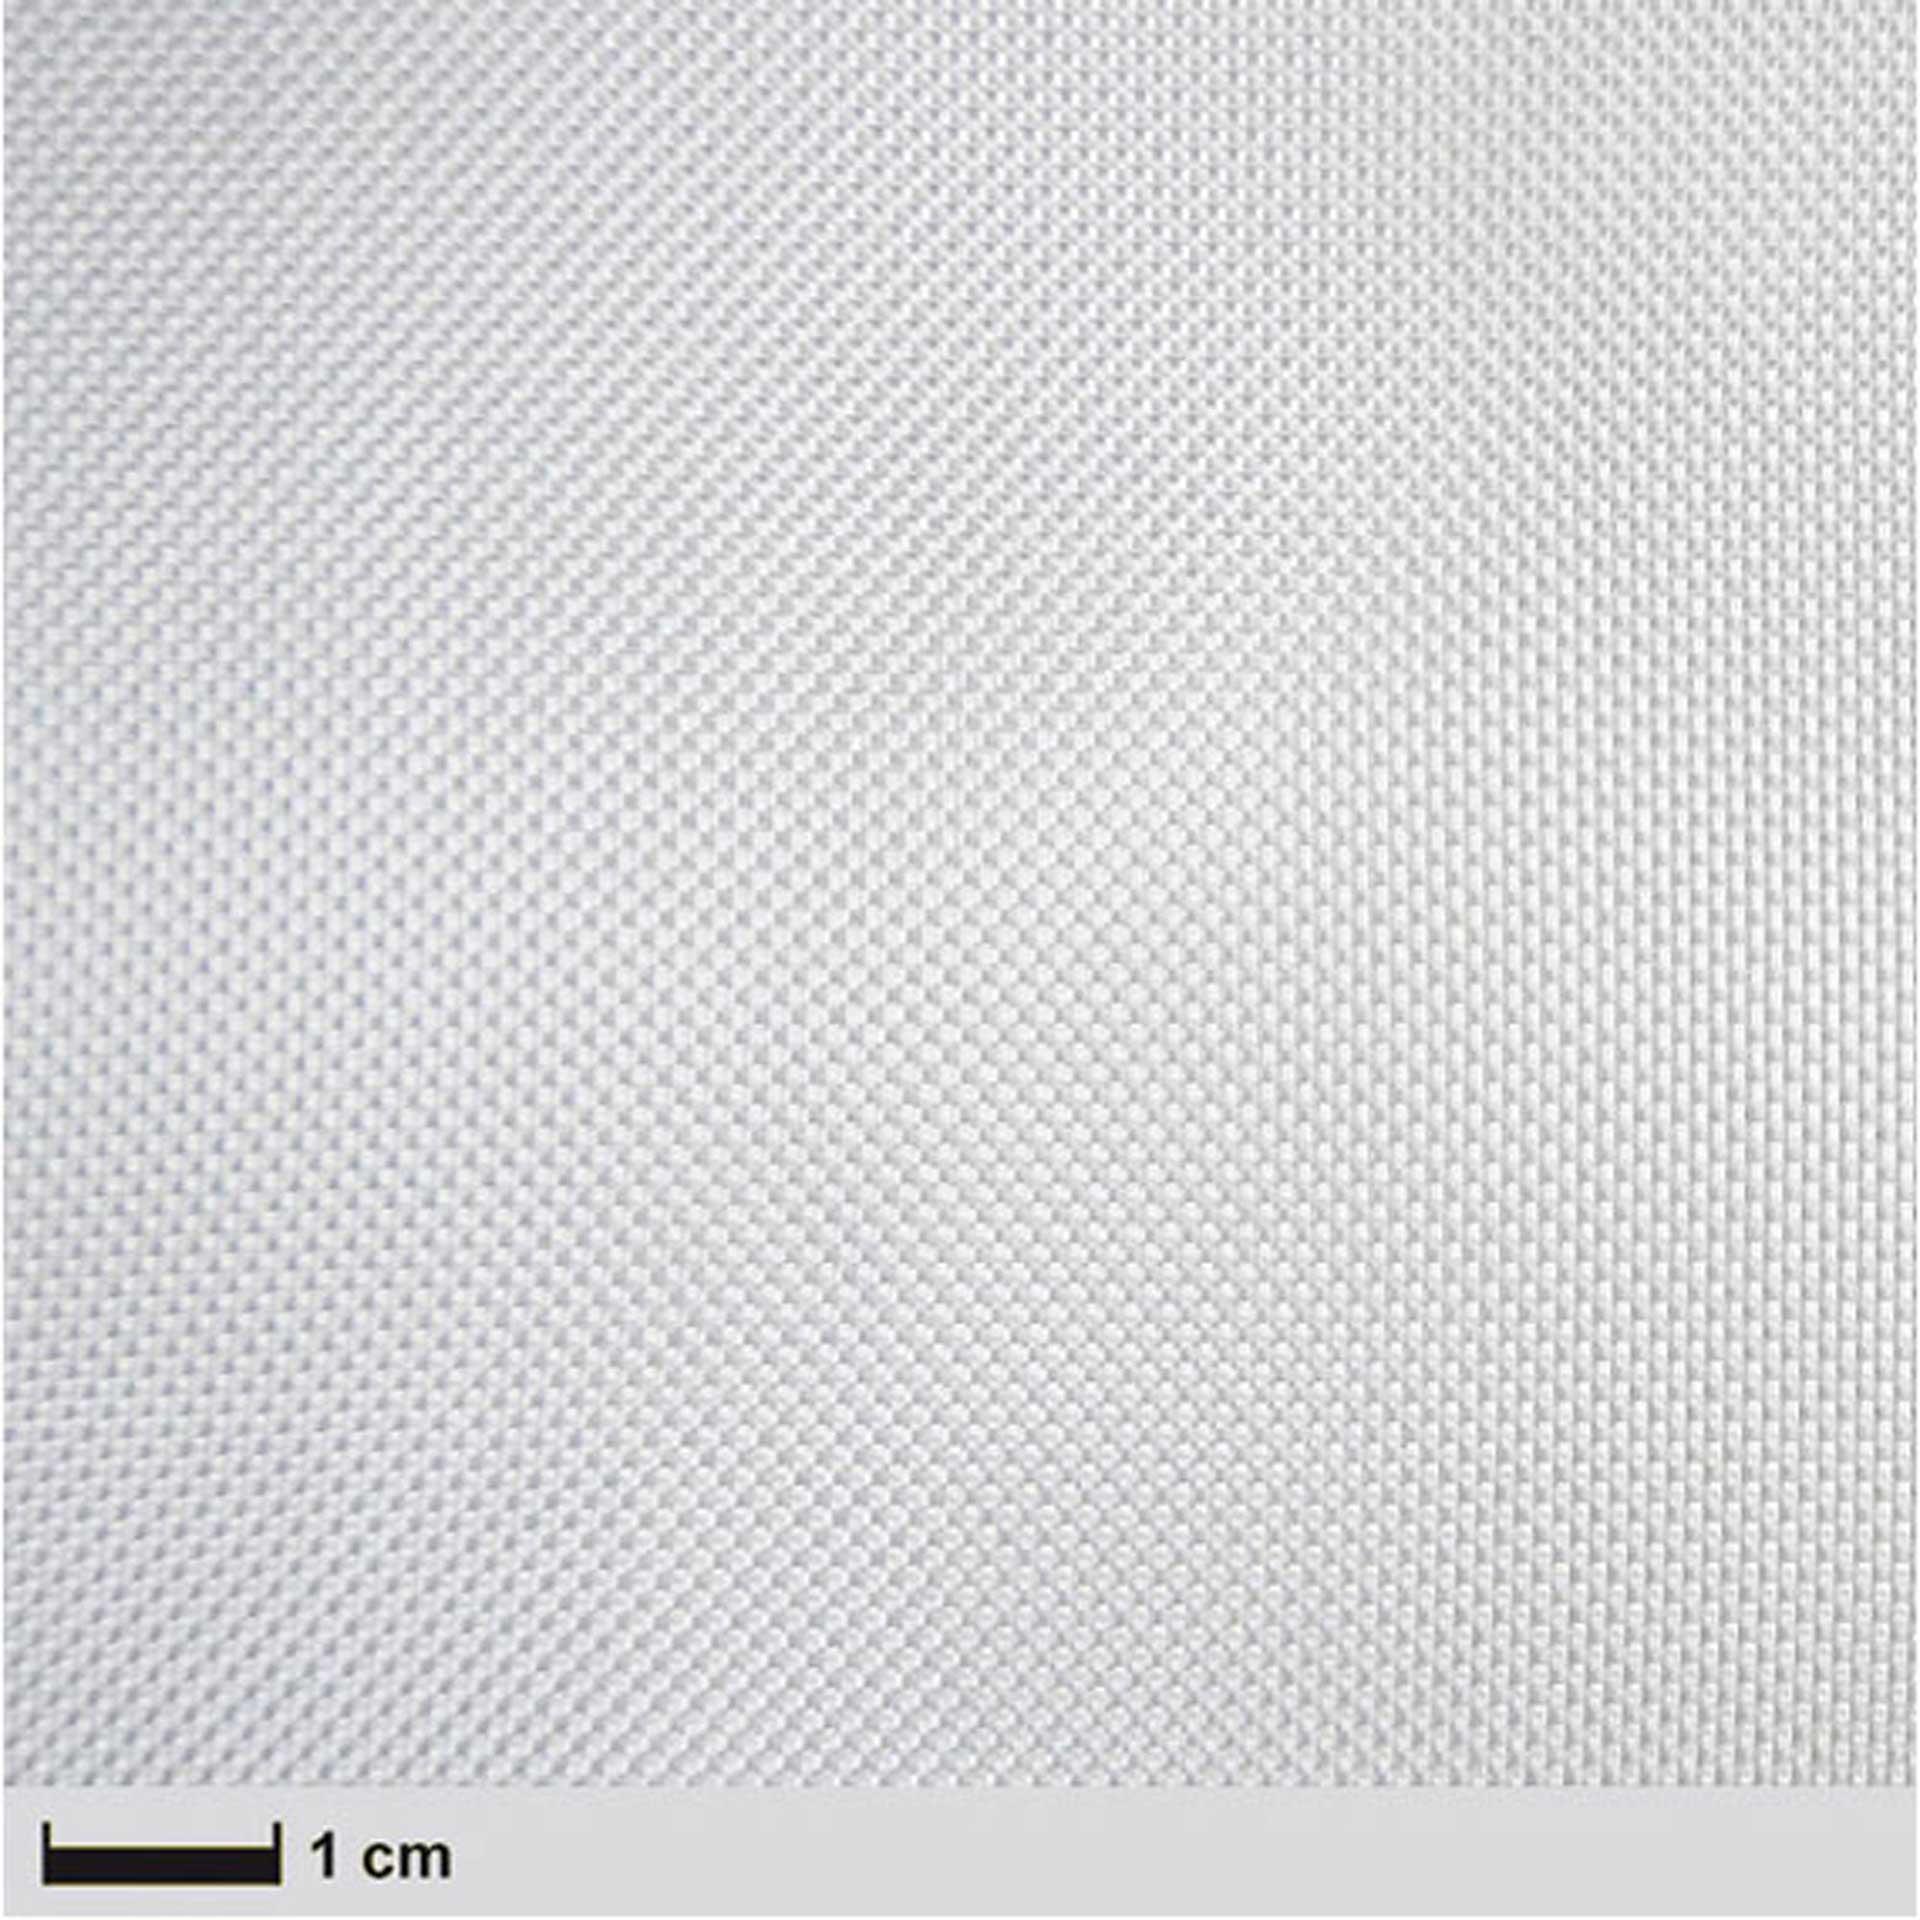 R&G GLASGEWEBE 163 G/M² AERO 130CM 10M ROLLE LEINWAND 130CM